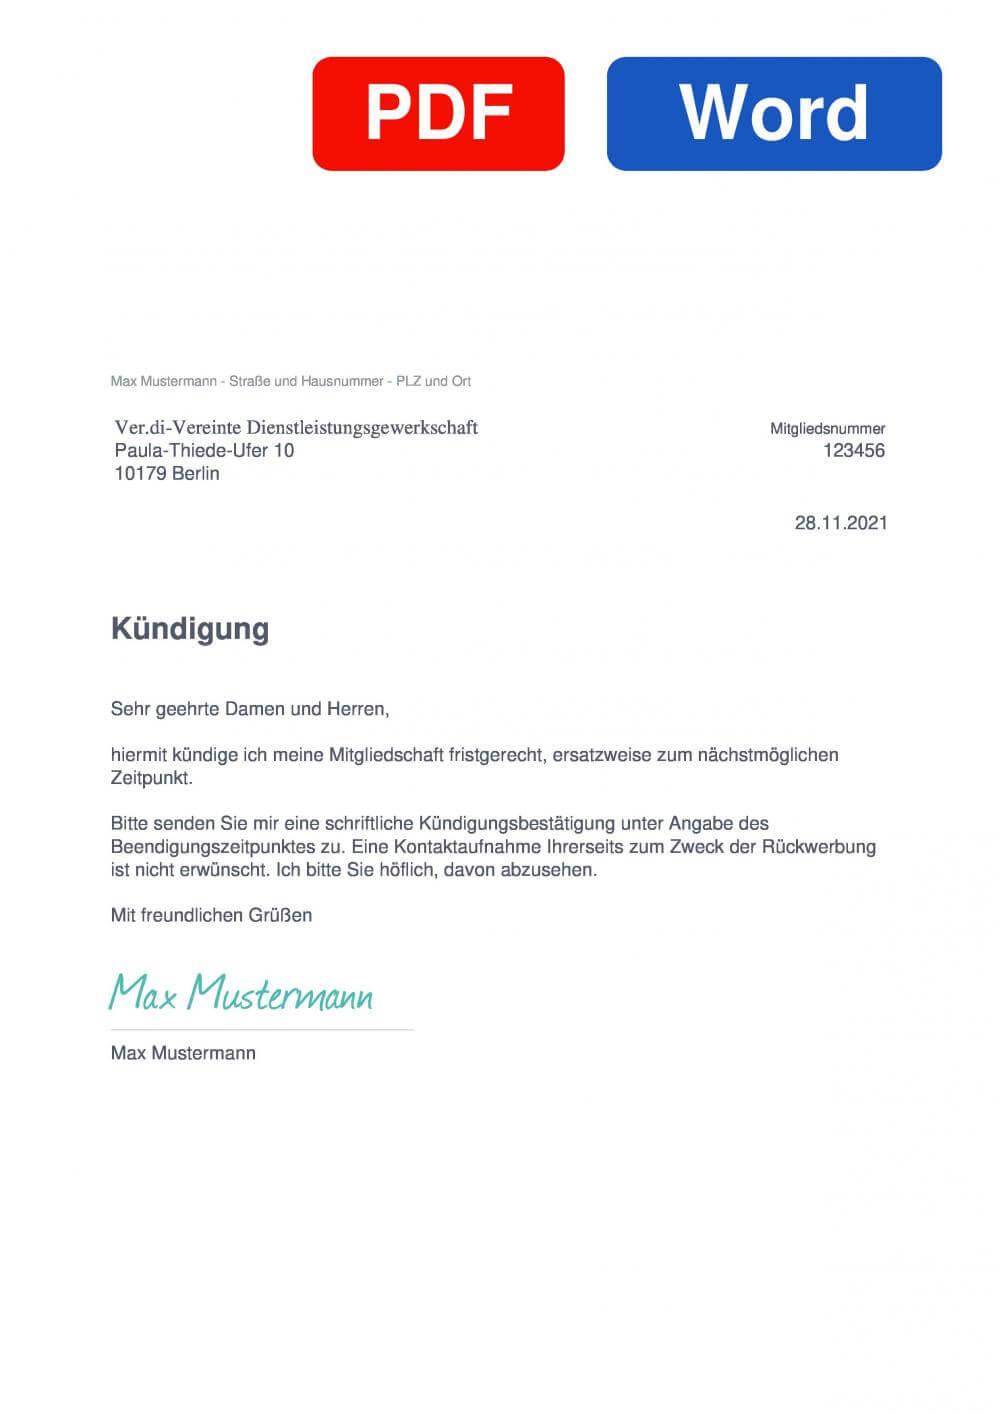 Verdi Muster Vorlage für Kündigungsschreiben